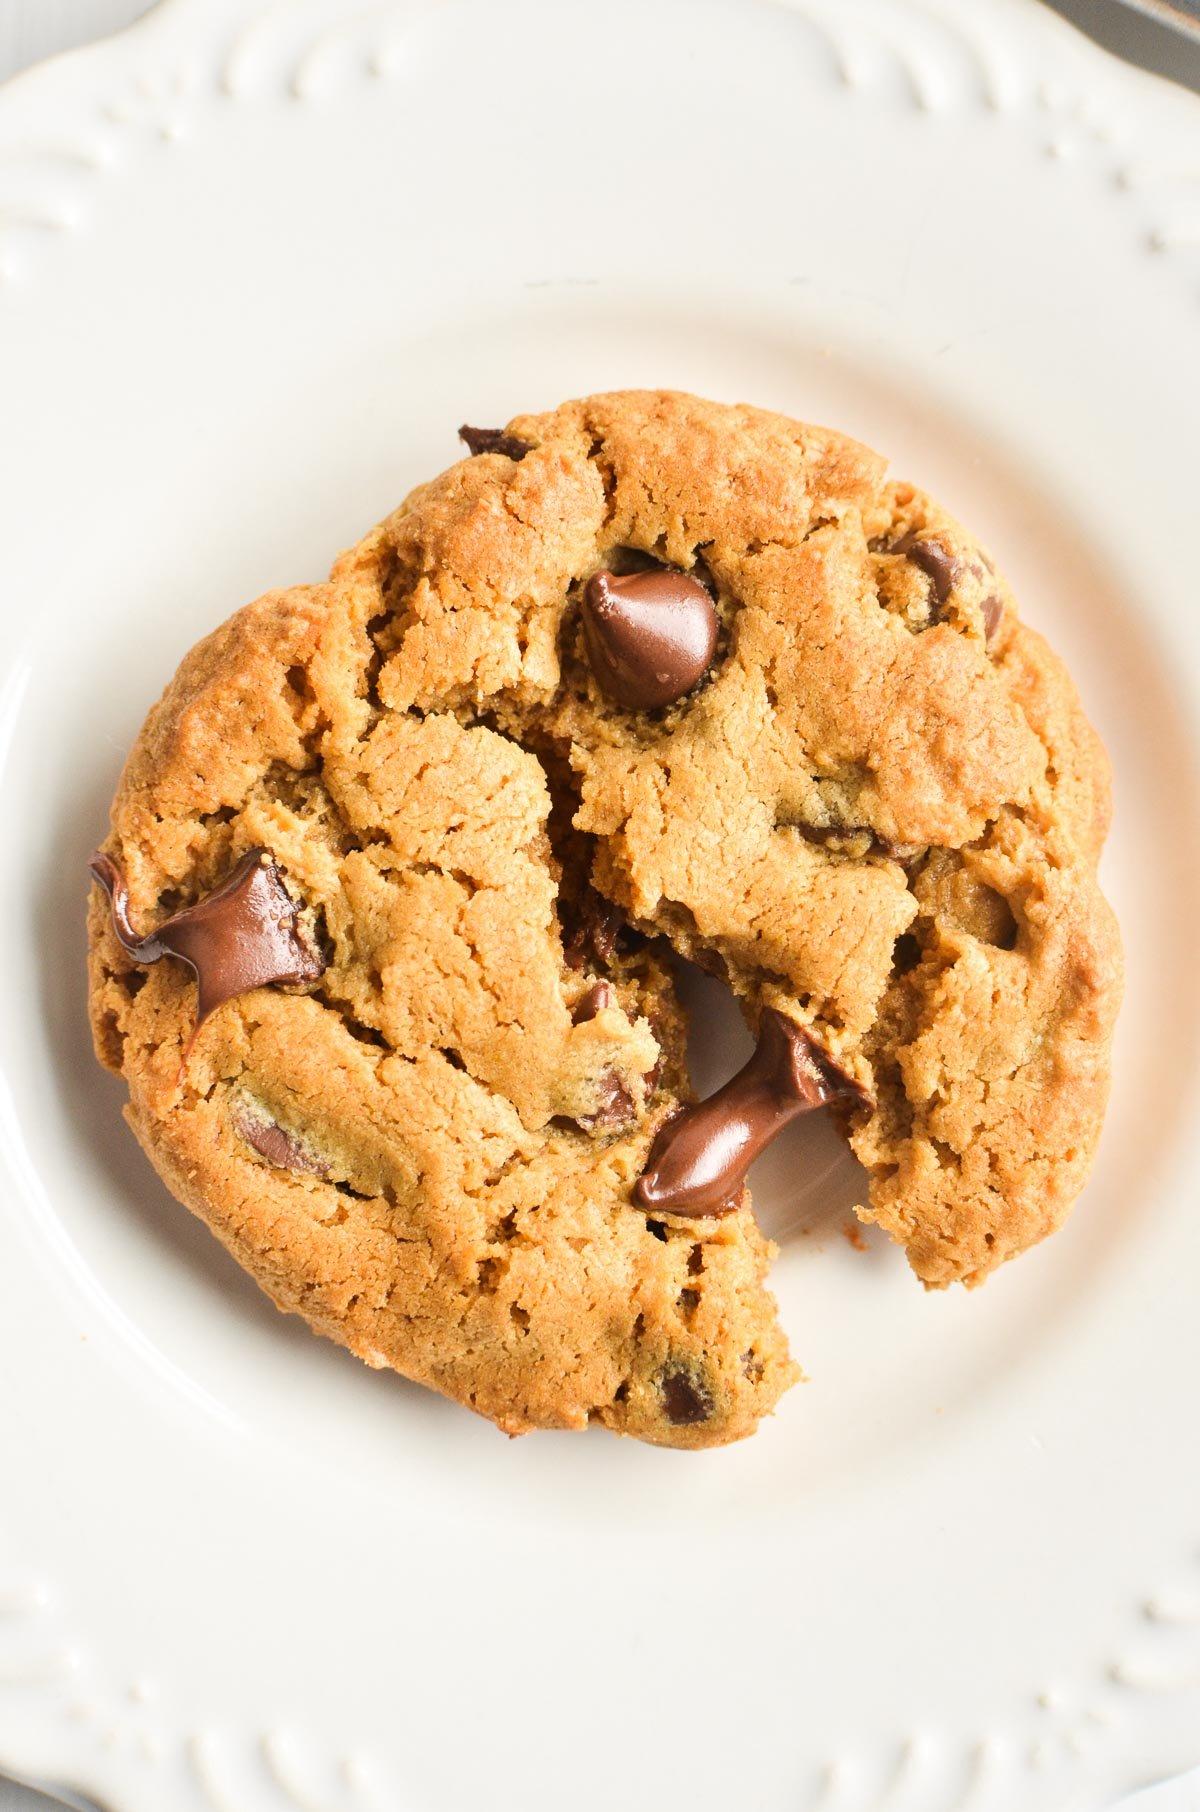 A partially broken open flourless peanut butter cookie.